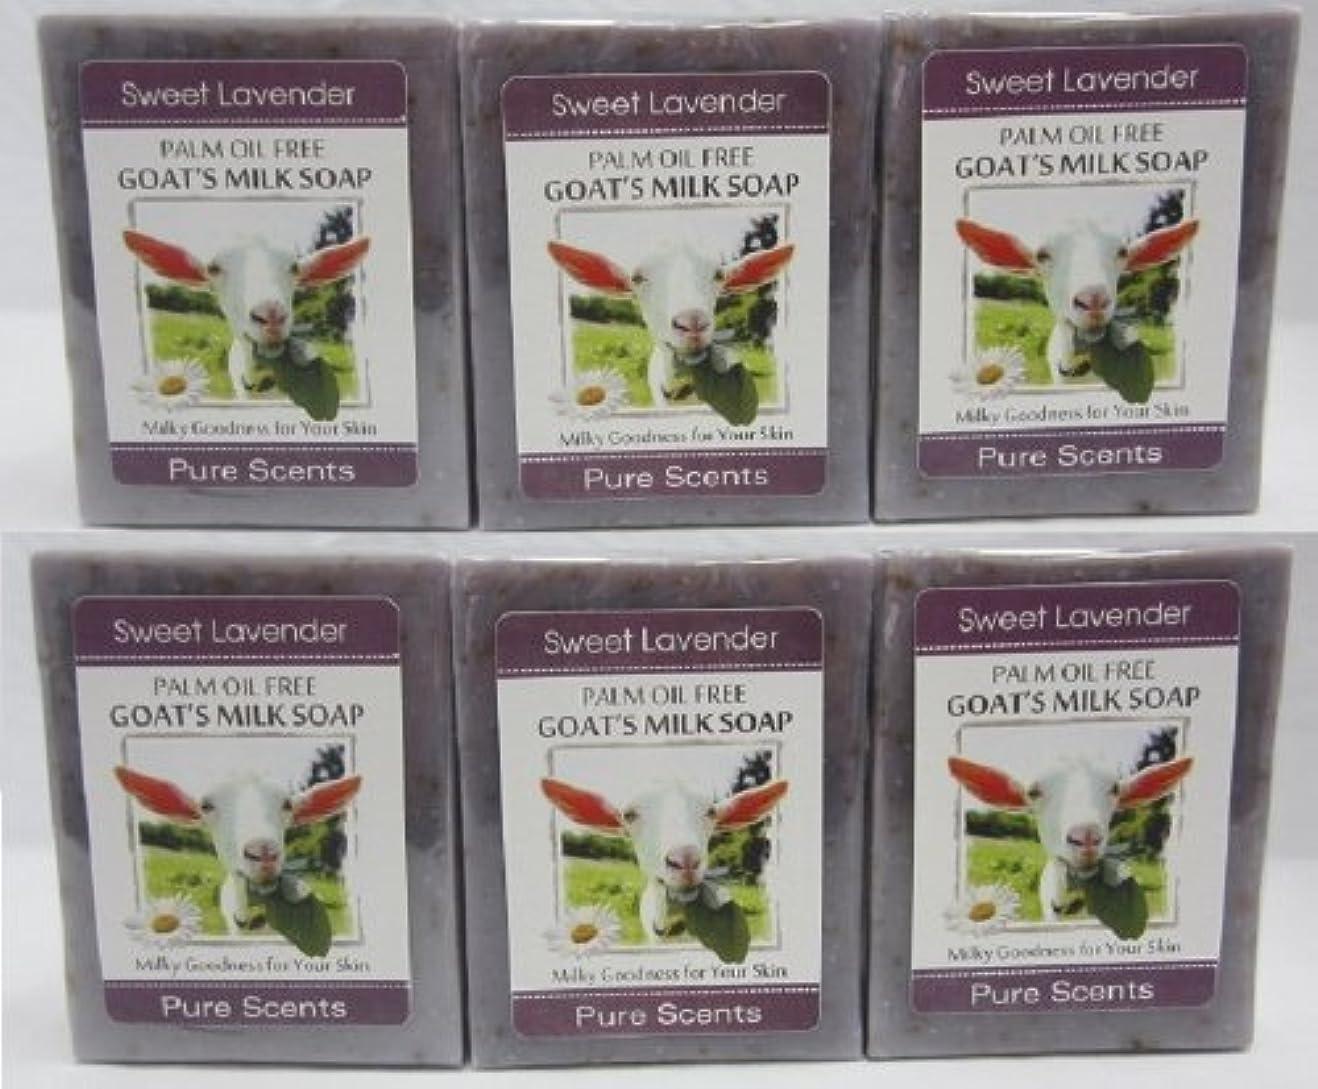 楽しいシリングシンプトン【Pure Scents】Goat's Milk Soap ヤギのミルクせっけん 6個セット Sweet Lavender スイートラベンダー